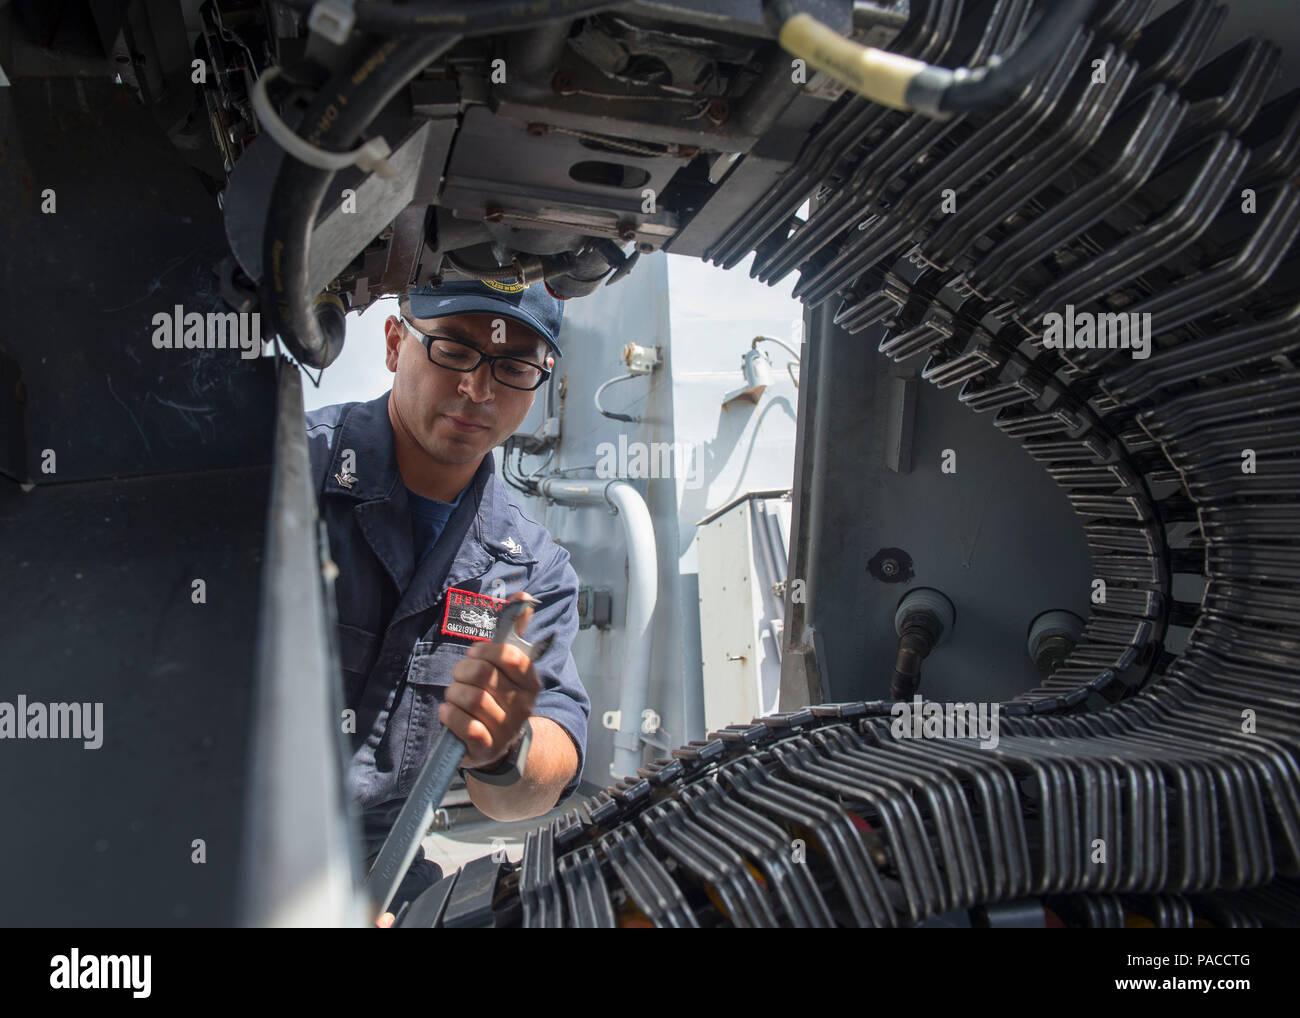 160314-N-DJ750-013 Base Naval de Guam (14 de marzo de 2016) El Gunner's Mate de 2ª clase de Arnaldo Mata, desde Laredo, Texas, carga un MK 38 MOD II 25mm pistola cadena durante un mar y detalle de anclaje a bordo de los misiles guiados Burke-Class Arleigh destructor USS McCampbell (DDG 85). McCampbell es en patrullas de la séptima Flota de la zona de operaciones en apoyo de la seguridad y la estabilidad en la Indo-Asia-Pacífico. (Ee.Uu. Navy photo by Mass Communication Specialist 2nd Class Bryan Jackson/liberado) Foto de stock